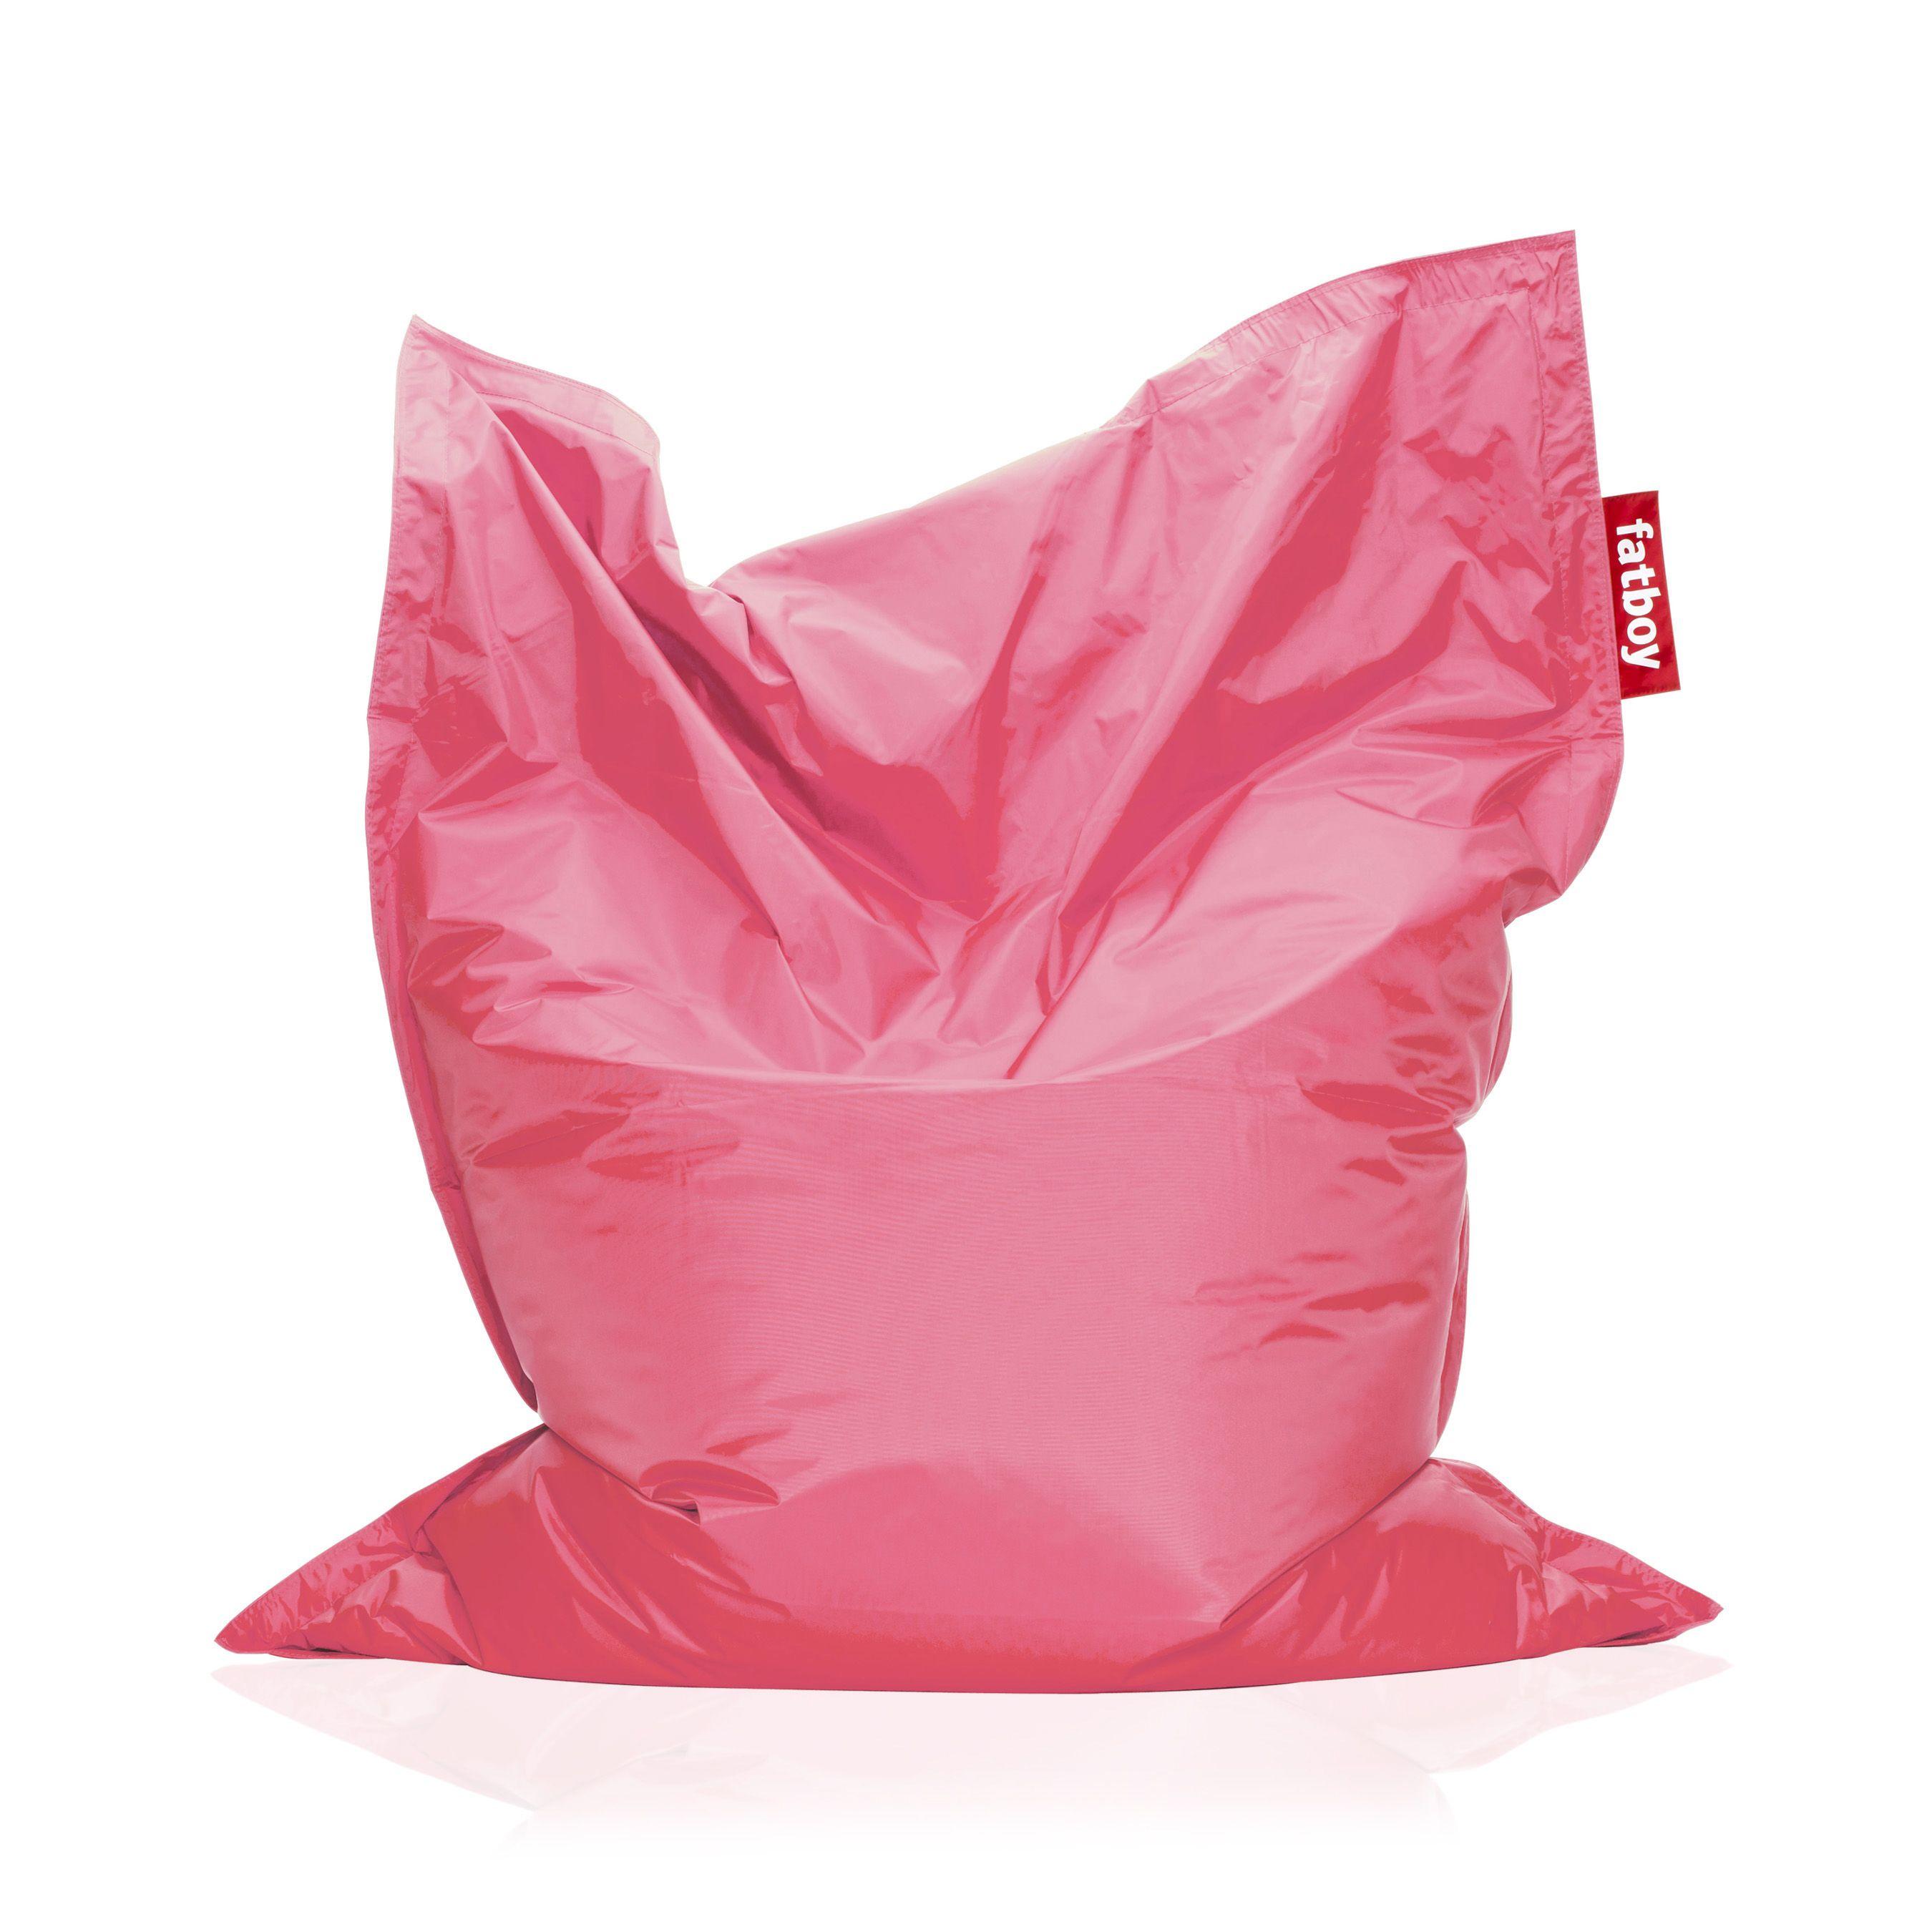 Fatboy Original, Light Pink Bean bag chair, Fatboy original